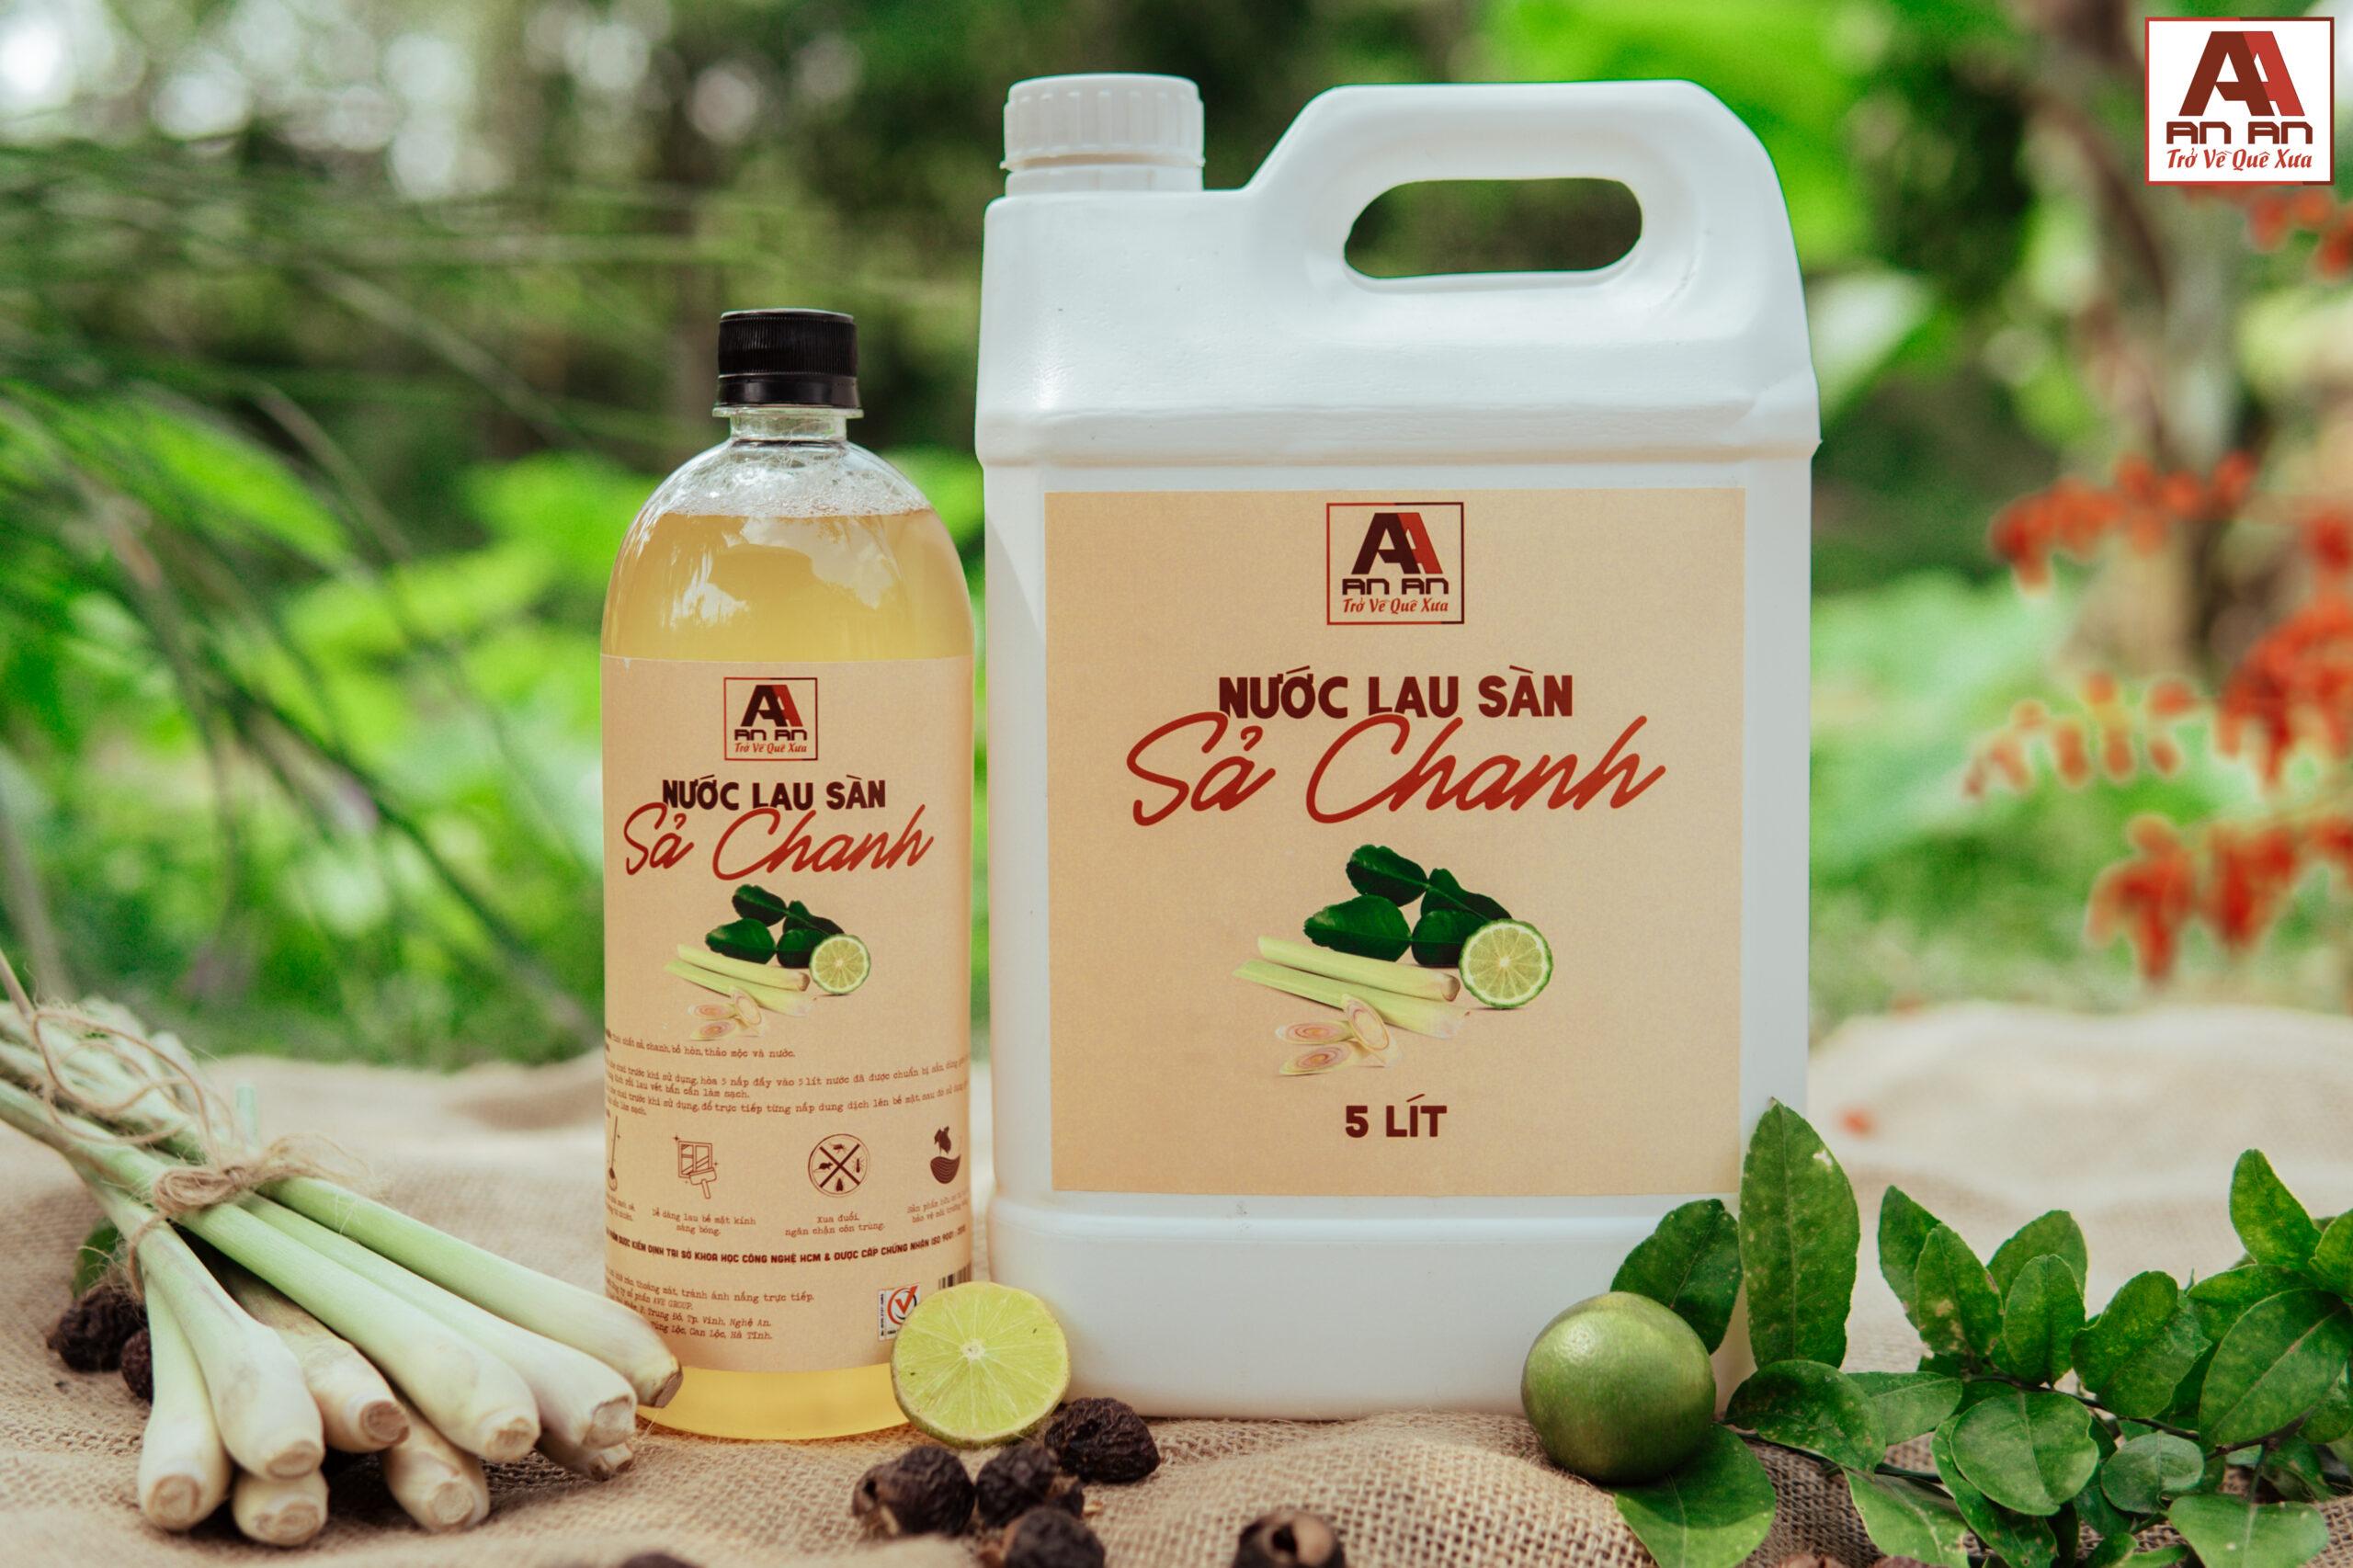 Tinh chất tự nhiên cho nhà sạch mát mùa hè vừa tiết kiệm an toàn